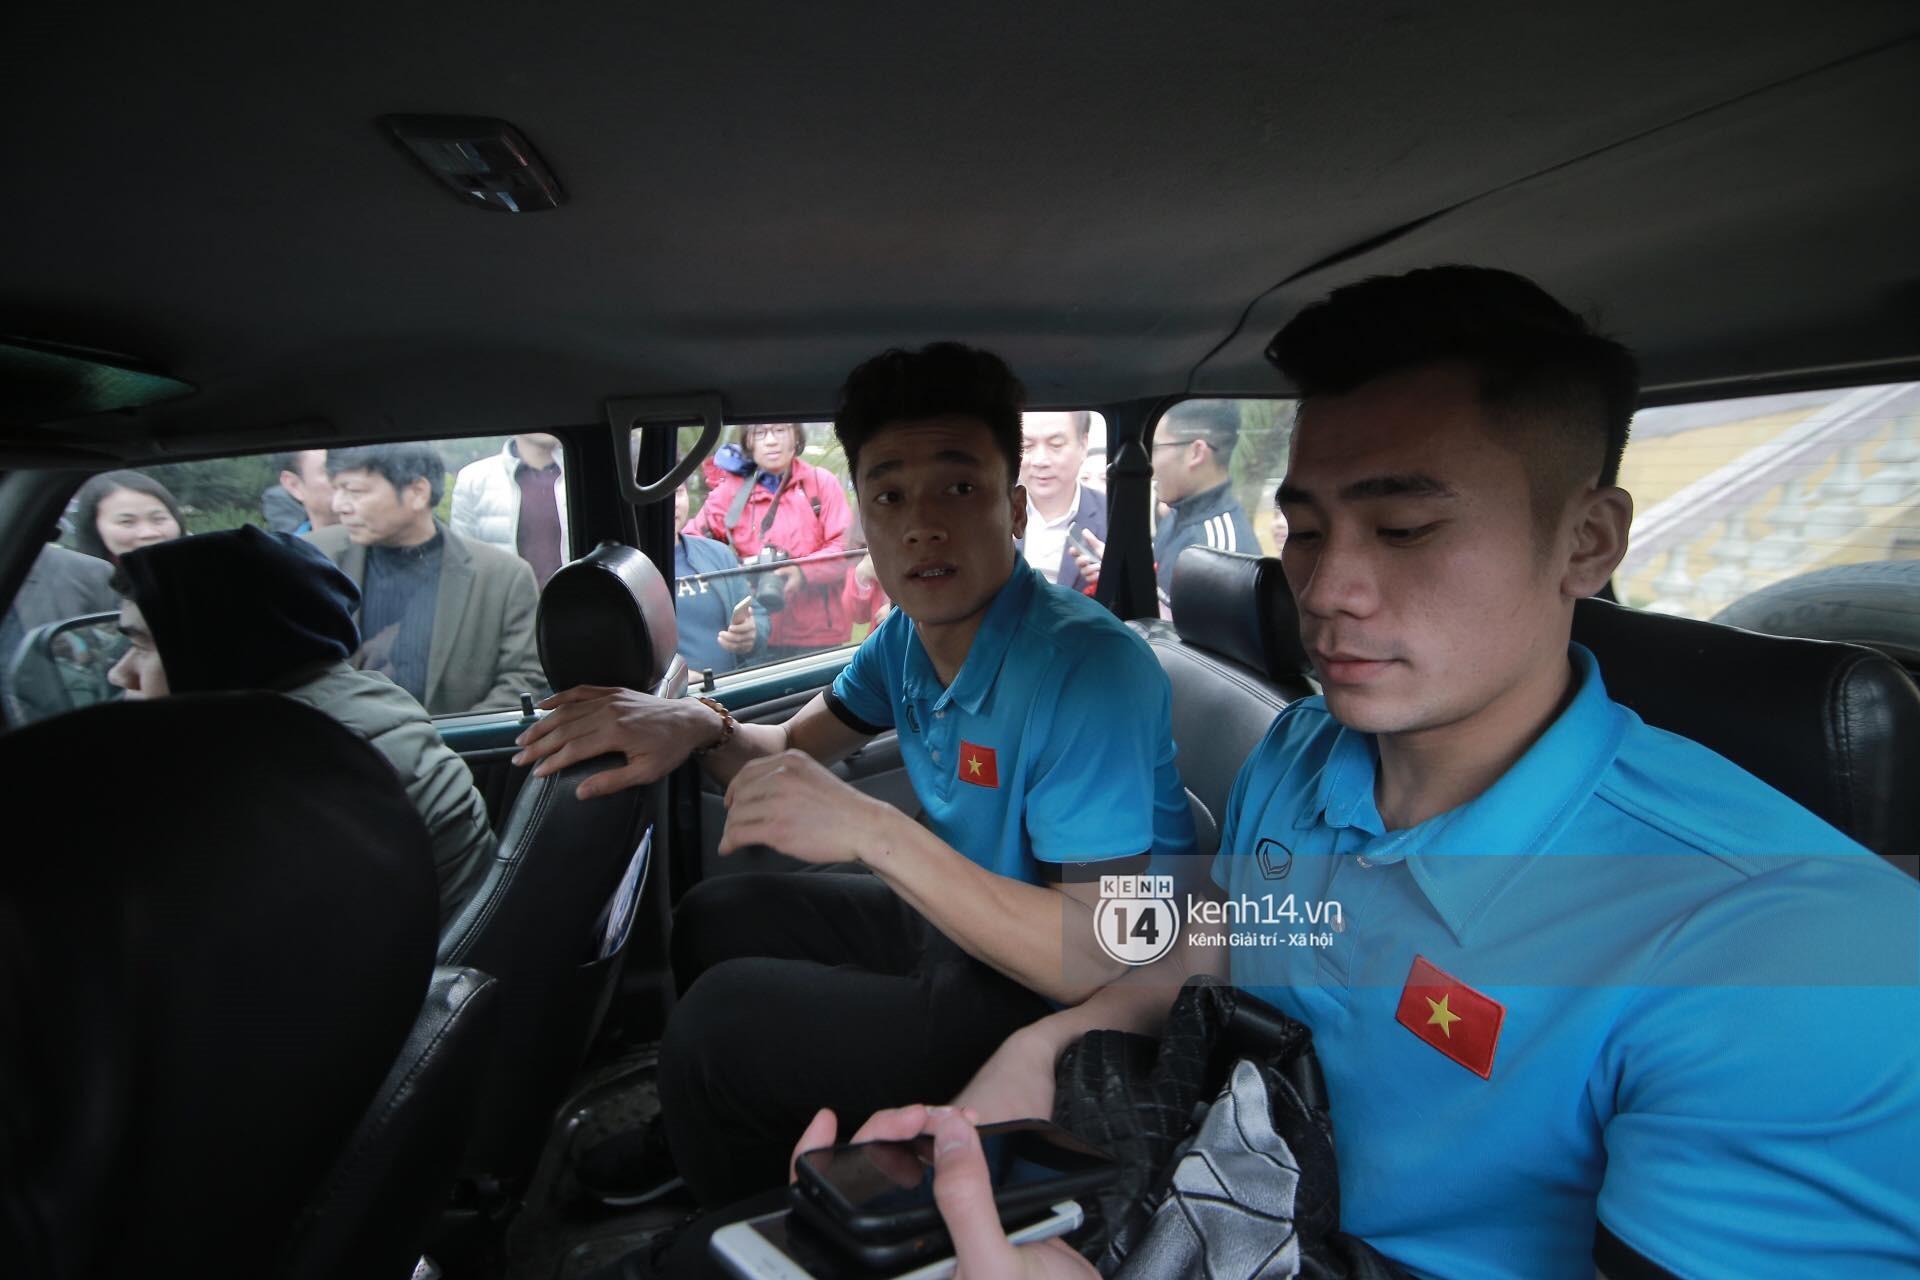 Clip: Hàng trăm fangirl kêu gào khi áp sát xe chở anh em Tiến Dũng, nhiều người bị xô đẩy đến té ngã - Ảnh 2.